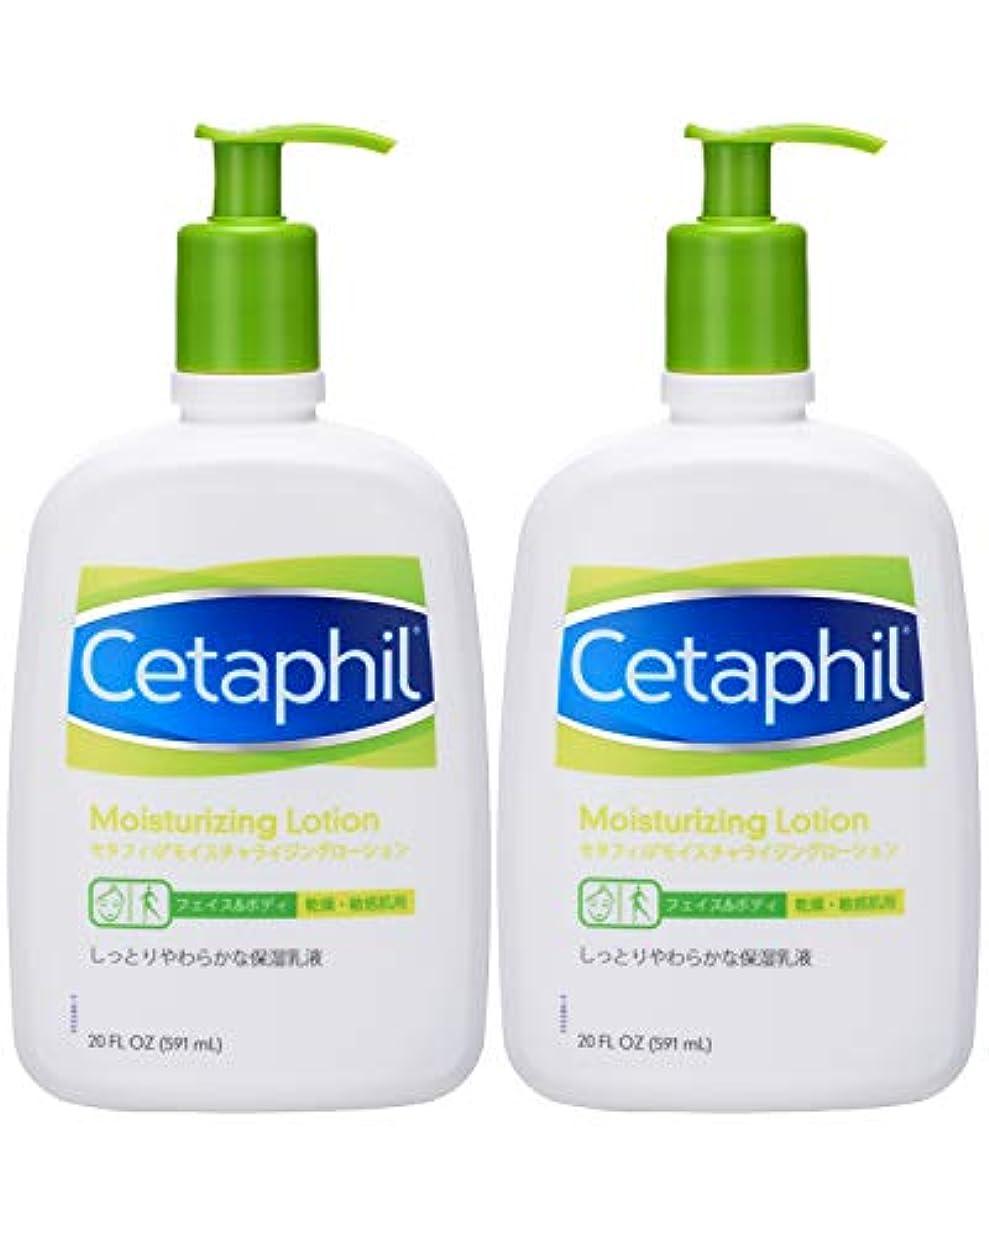 一掃する後方揺れるセタフィル Cetaphil ® モイスチャライジングローション 591ml 2本組 ( フェイス & ボディ 保湿乳液 ローション )